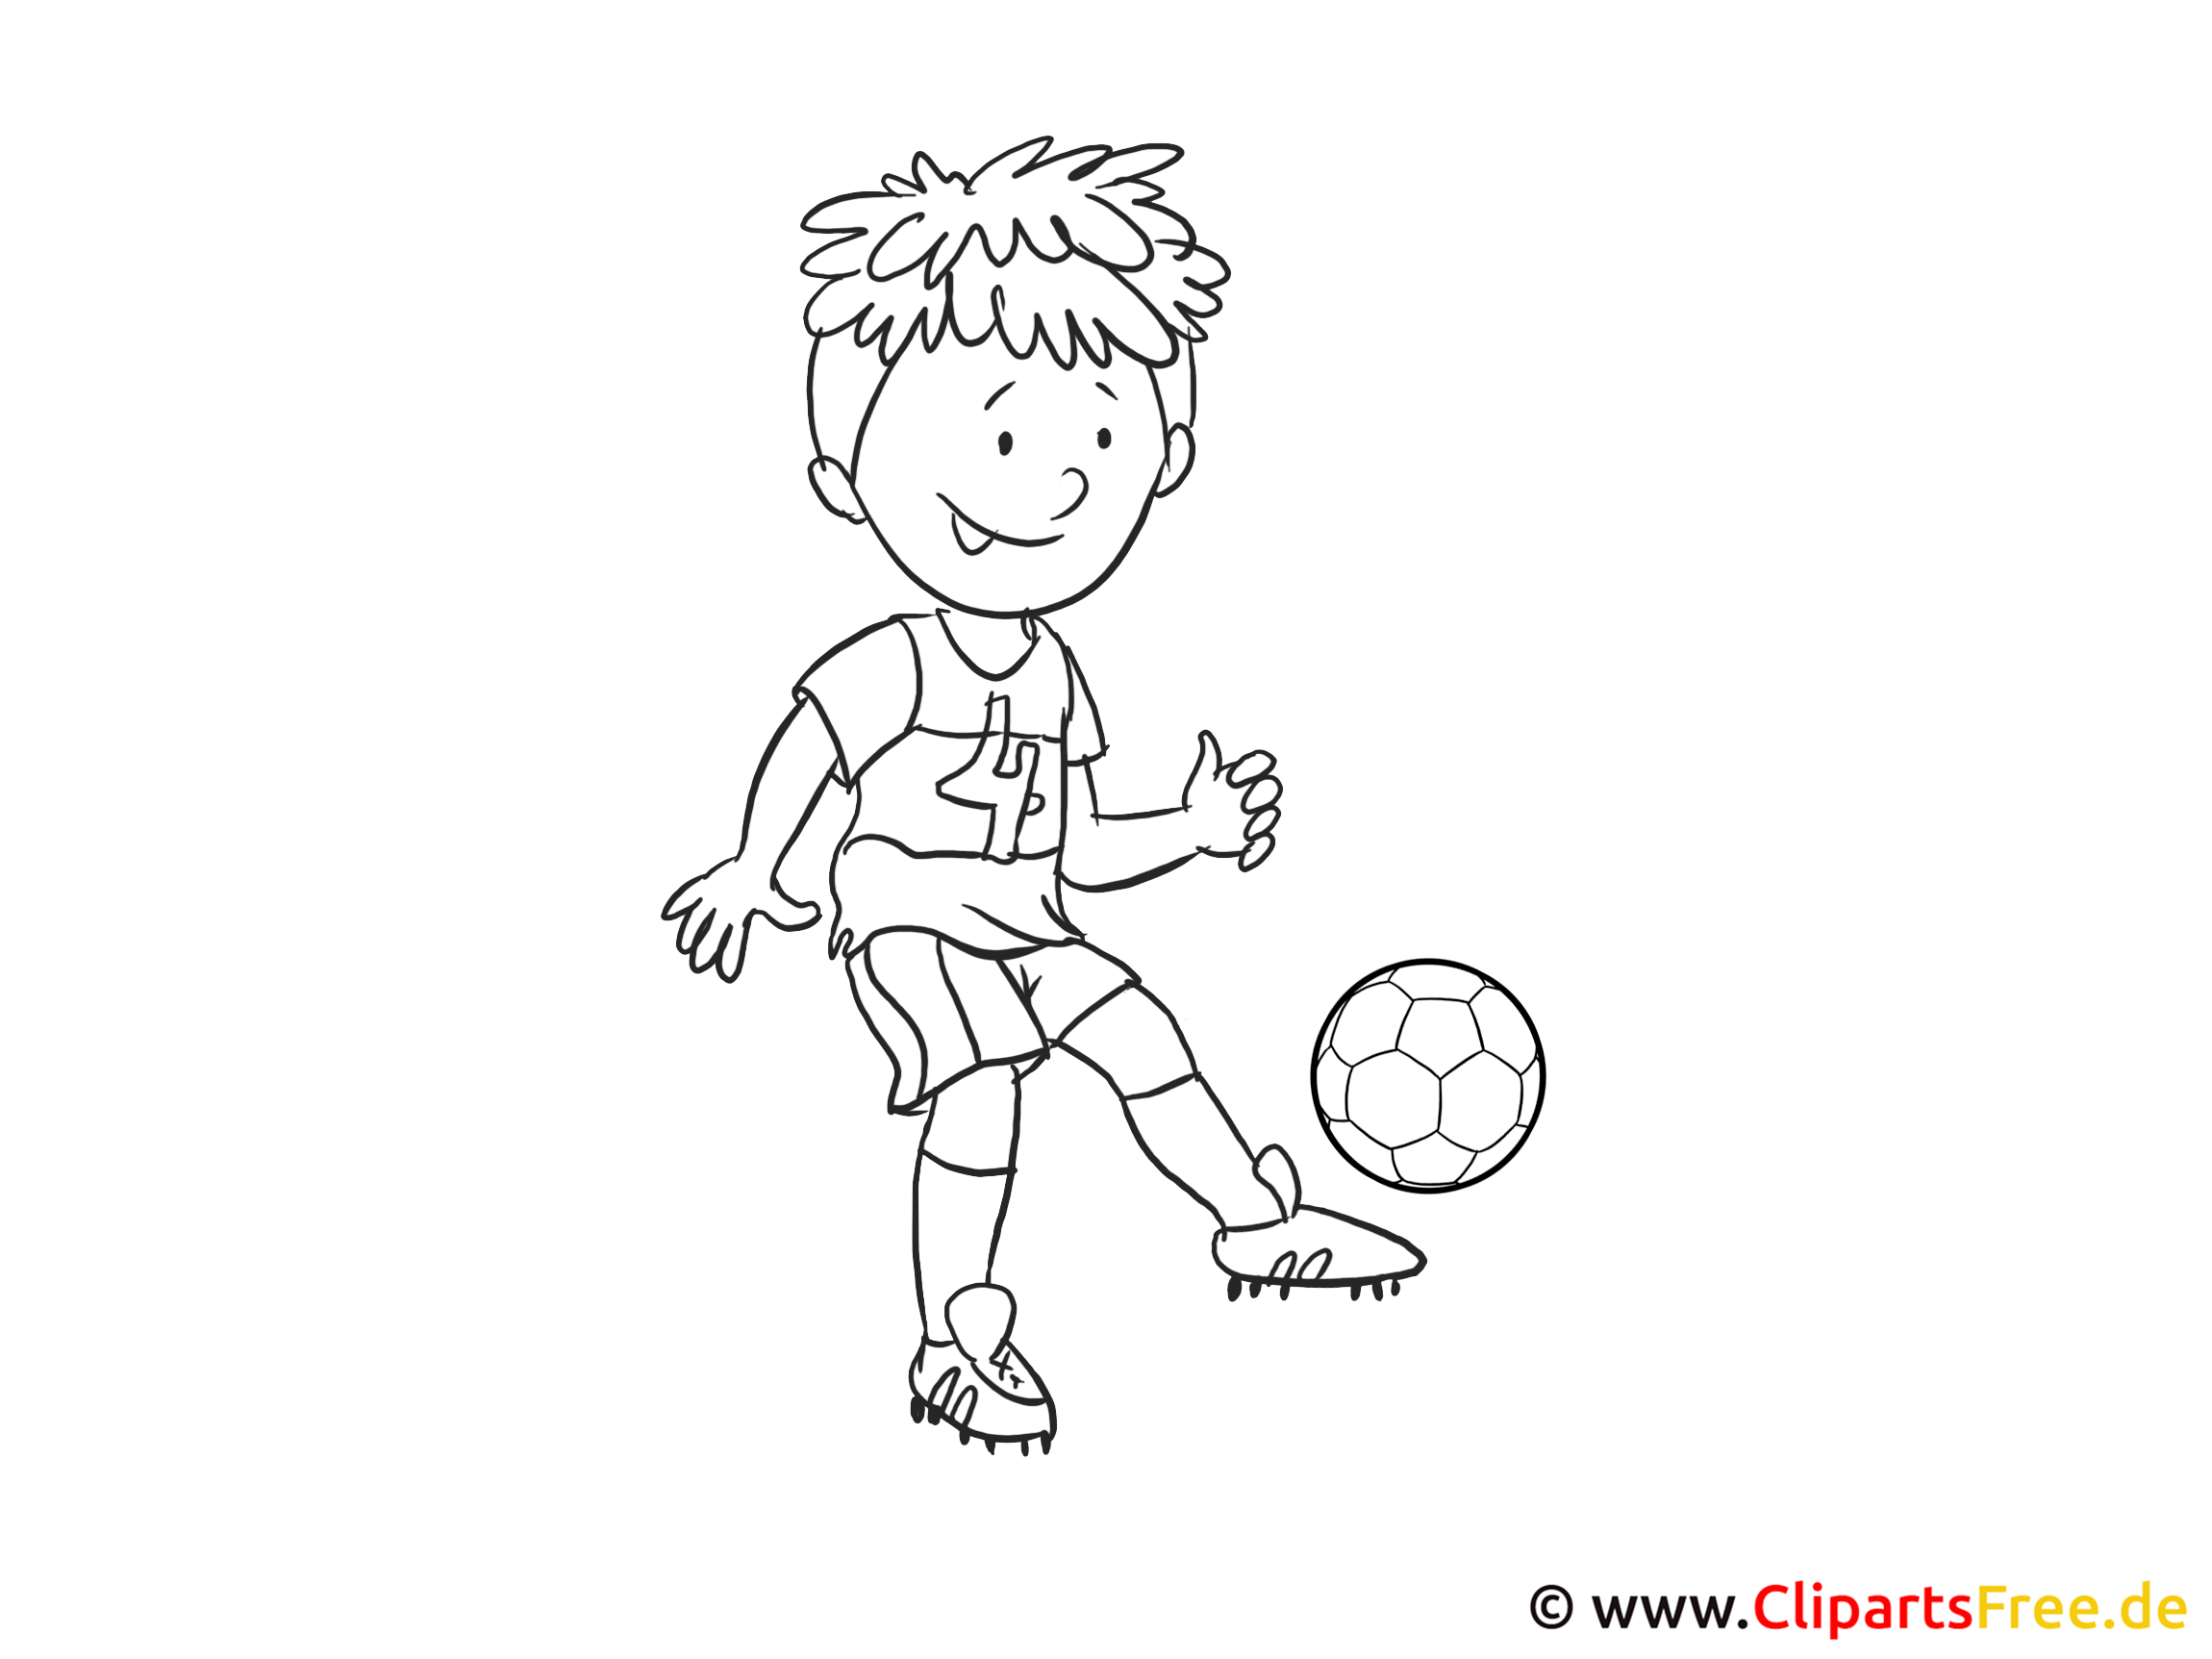 Fussball Bild Zum Ausmalen